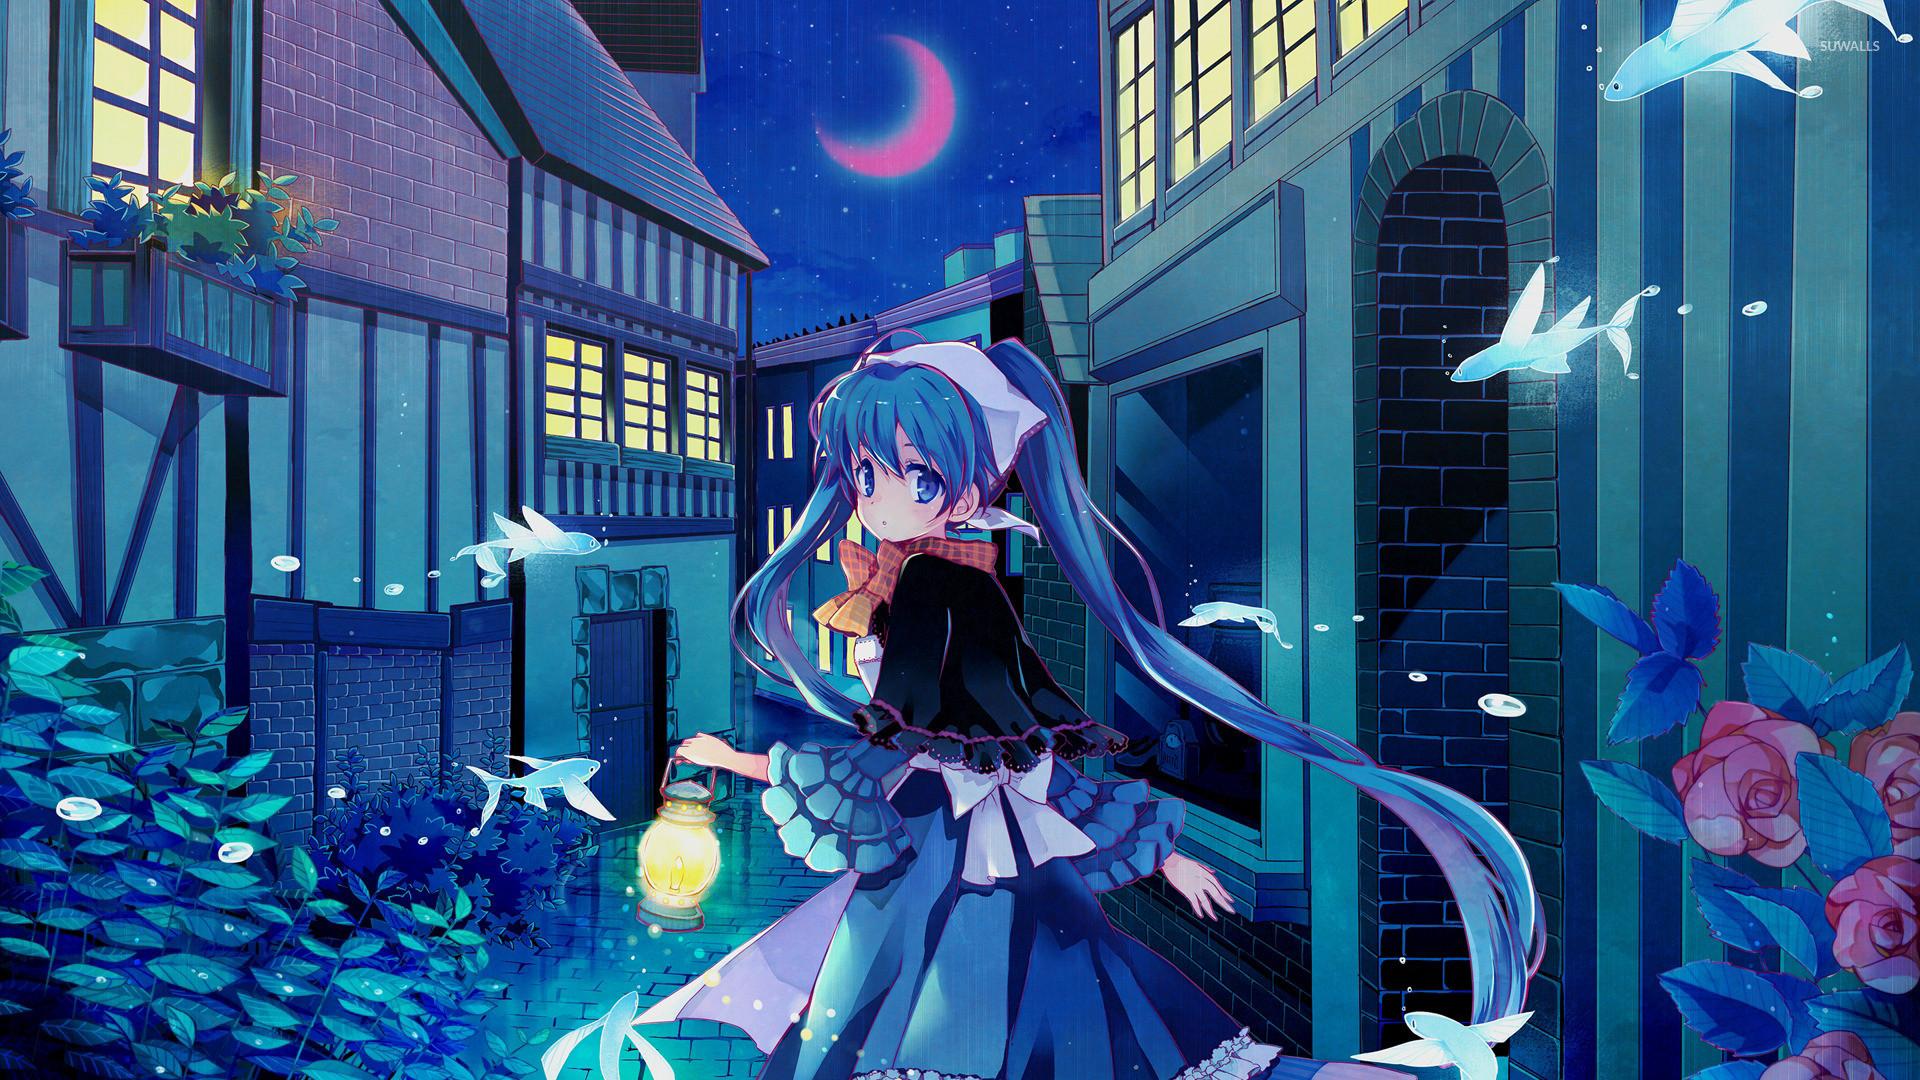 Hatsune Miku – Vocaloid [21] wallpaper